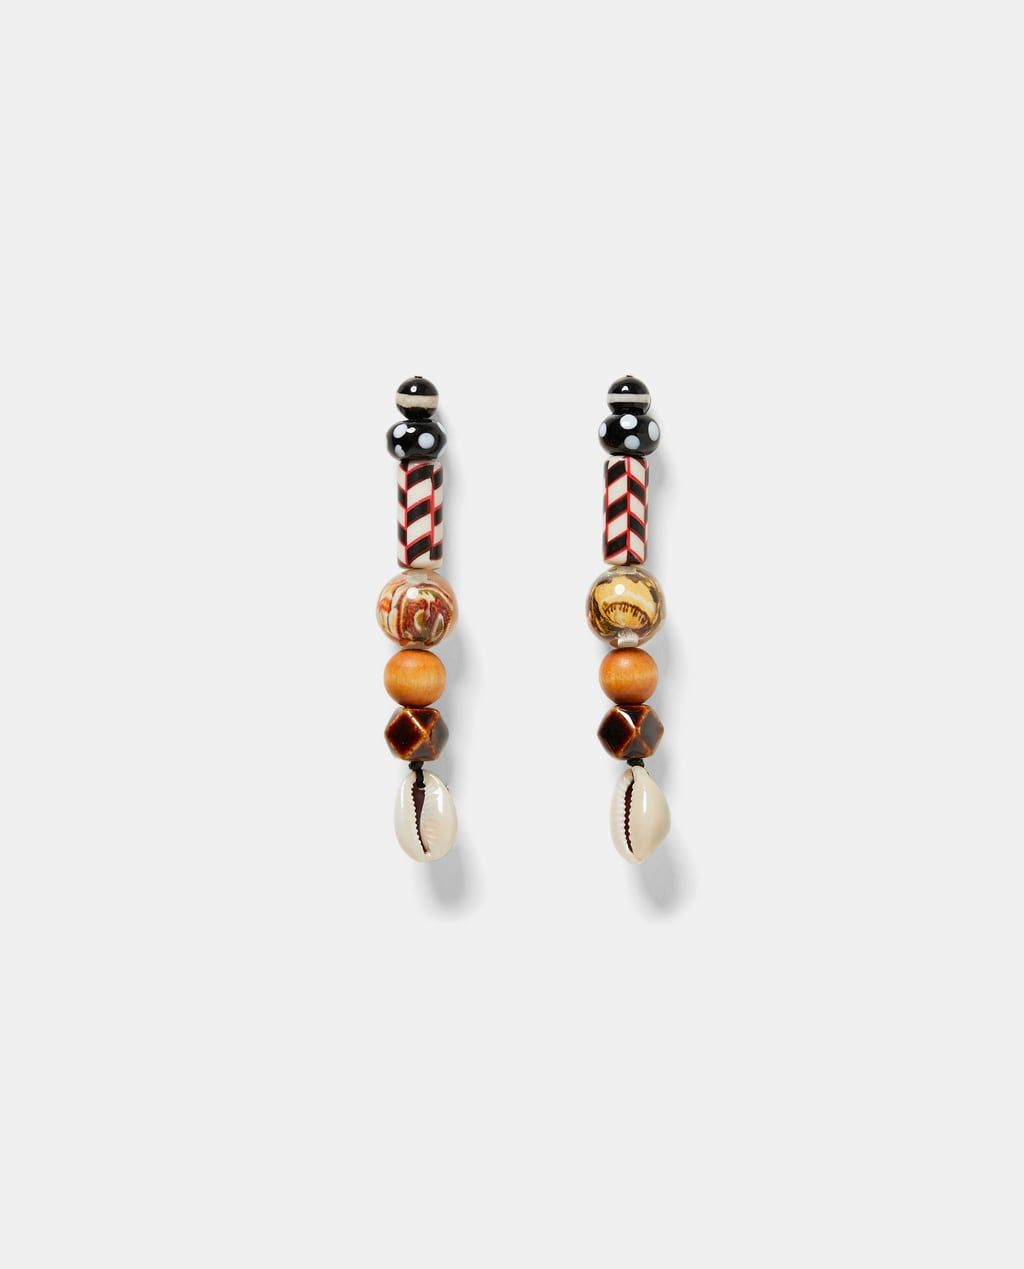 Tono Oro Perla Aro Pendientes Estilo Zara 5cm